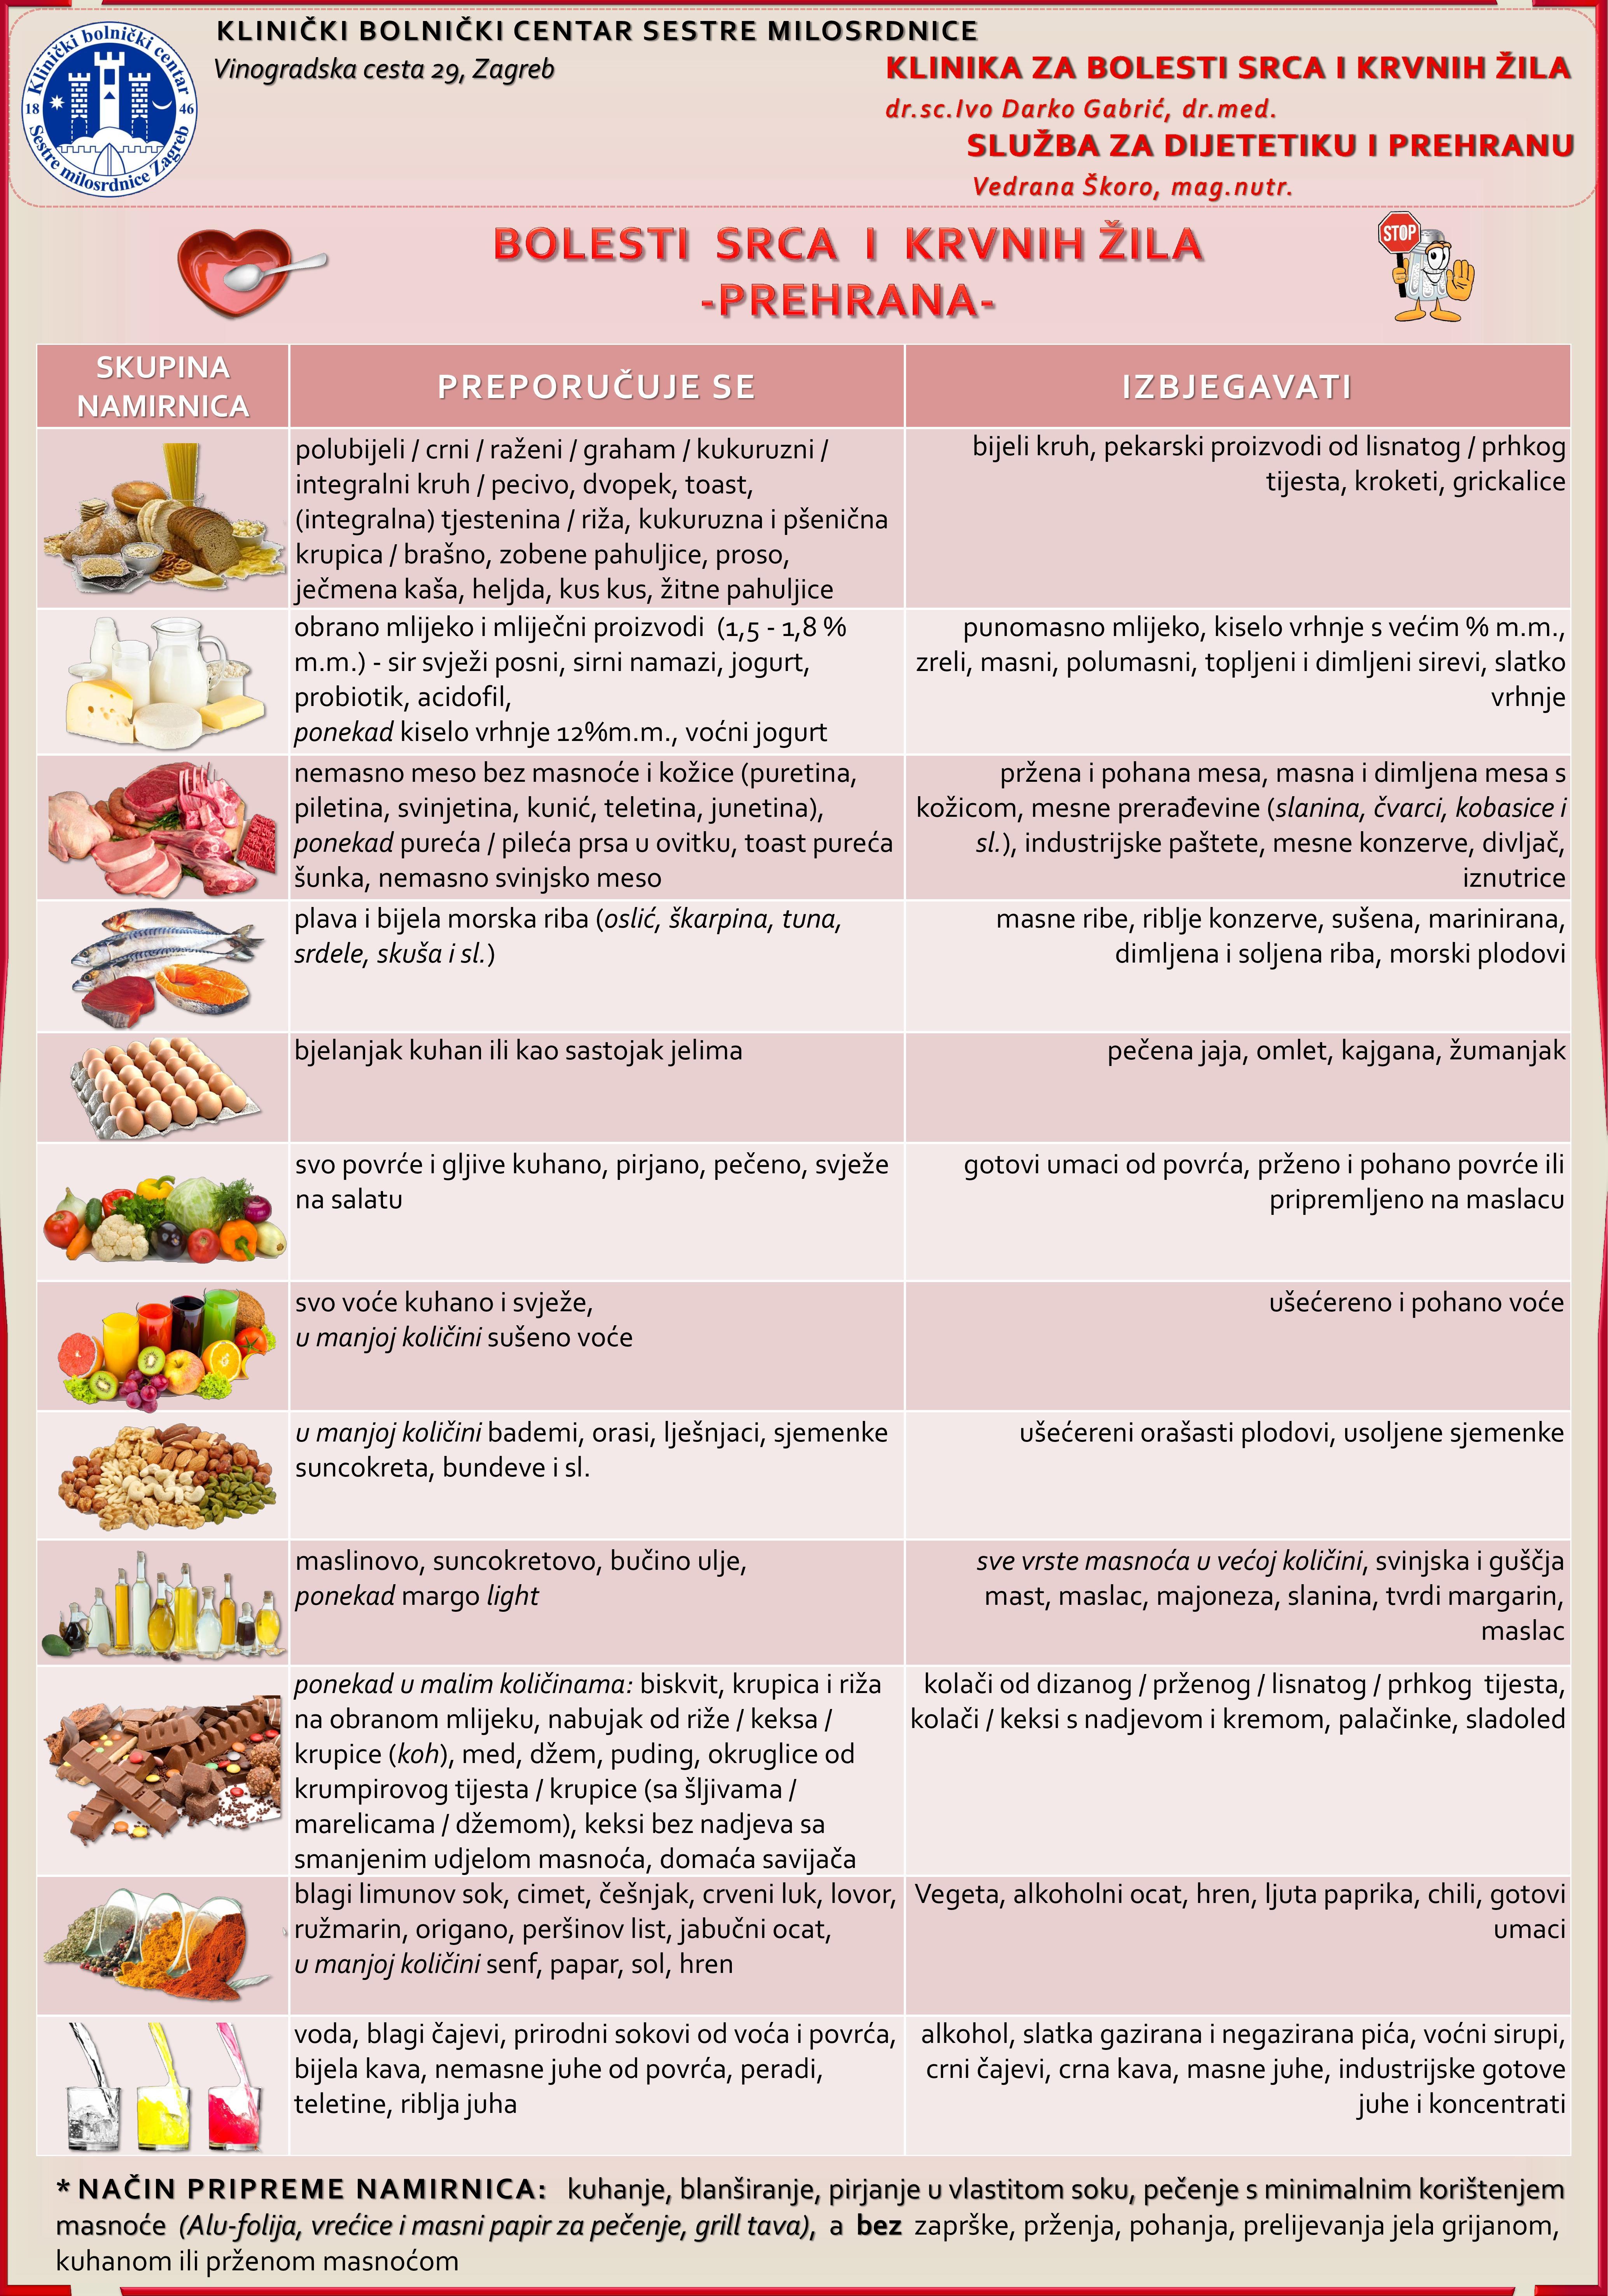 hipertenzija komplikacija gripe sklop od hipertenzije tablete